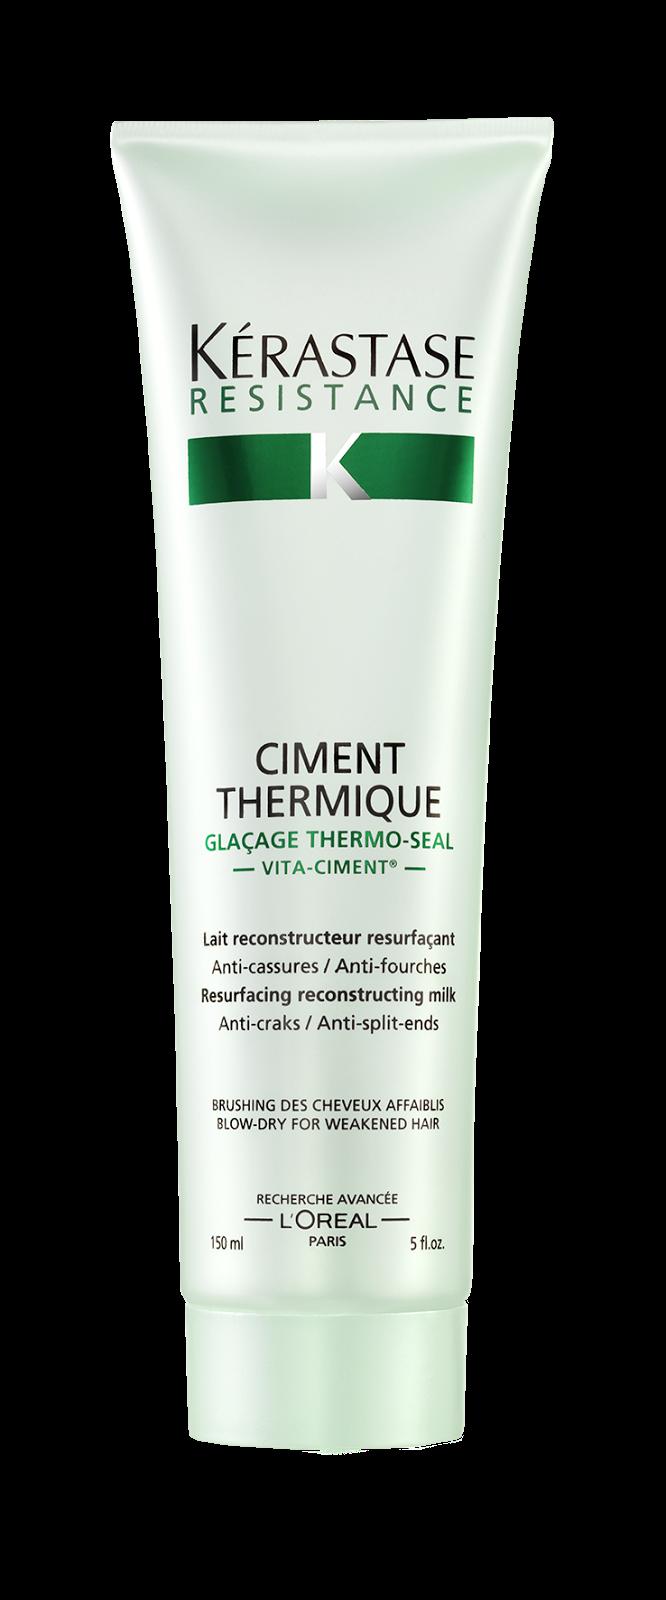 Climent Thermique Kérastase